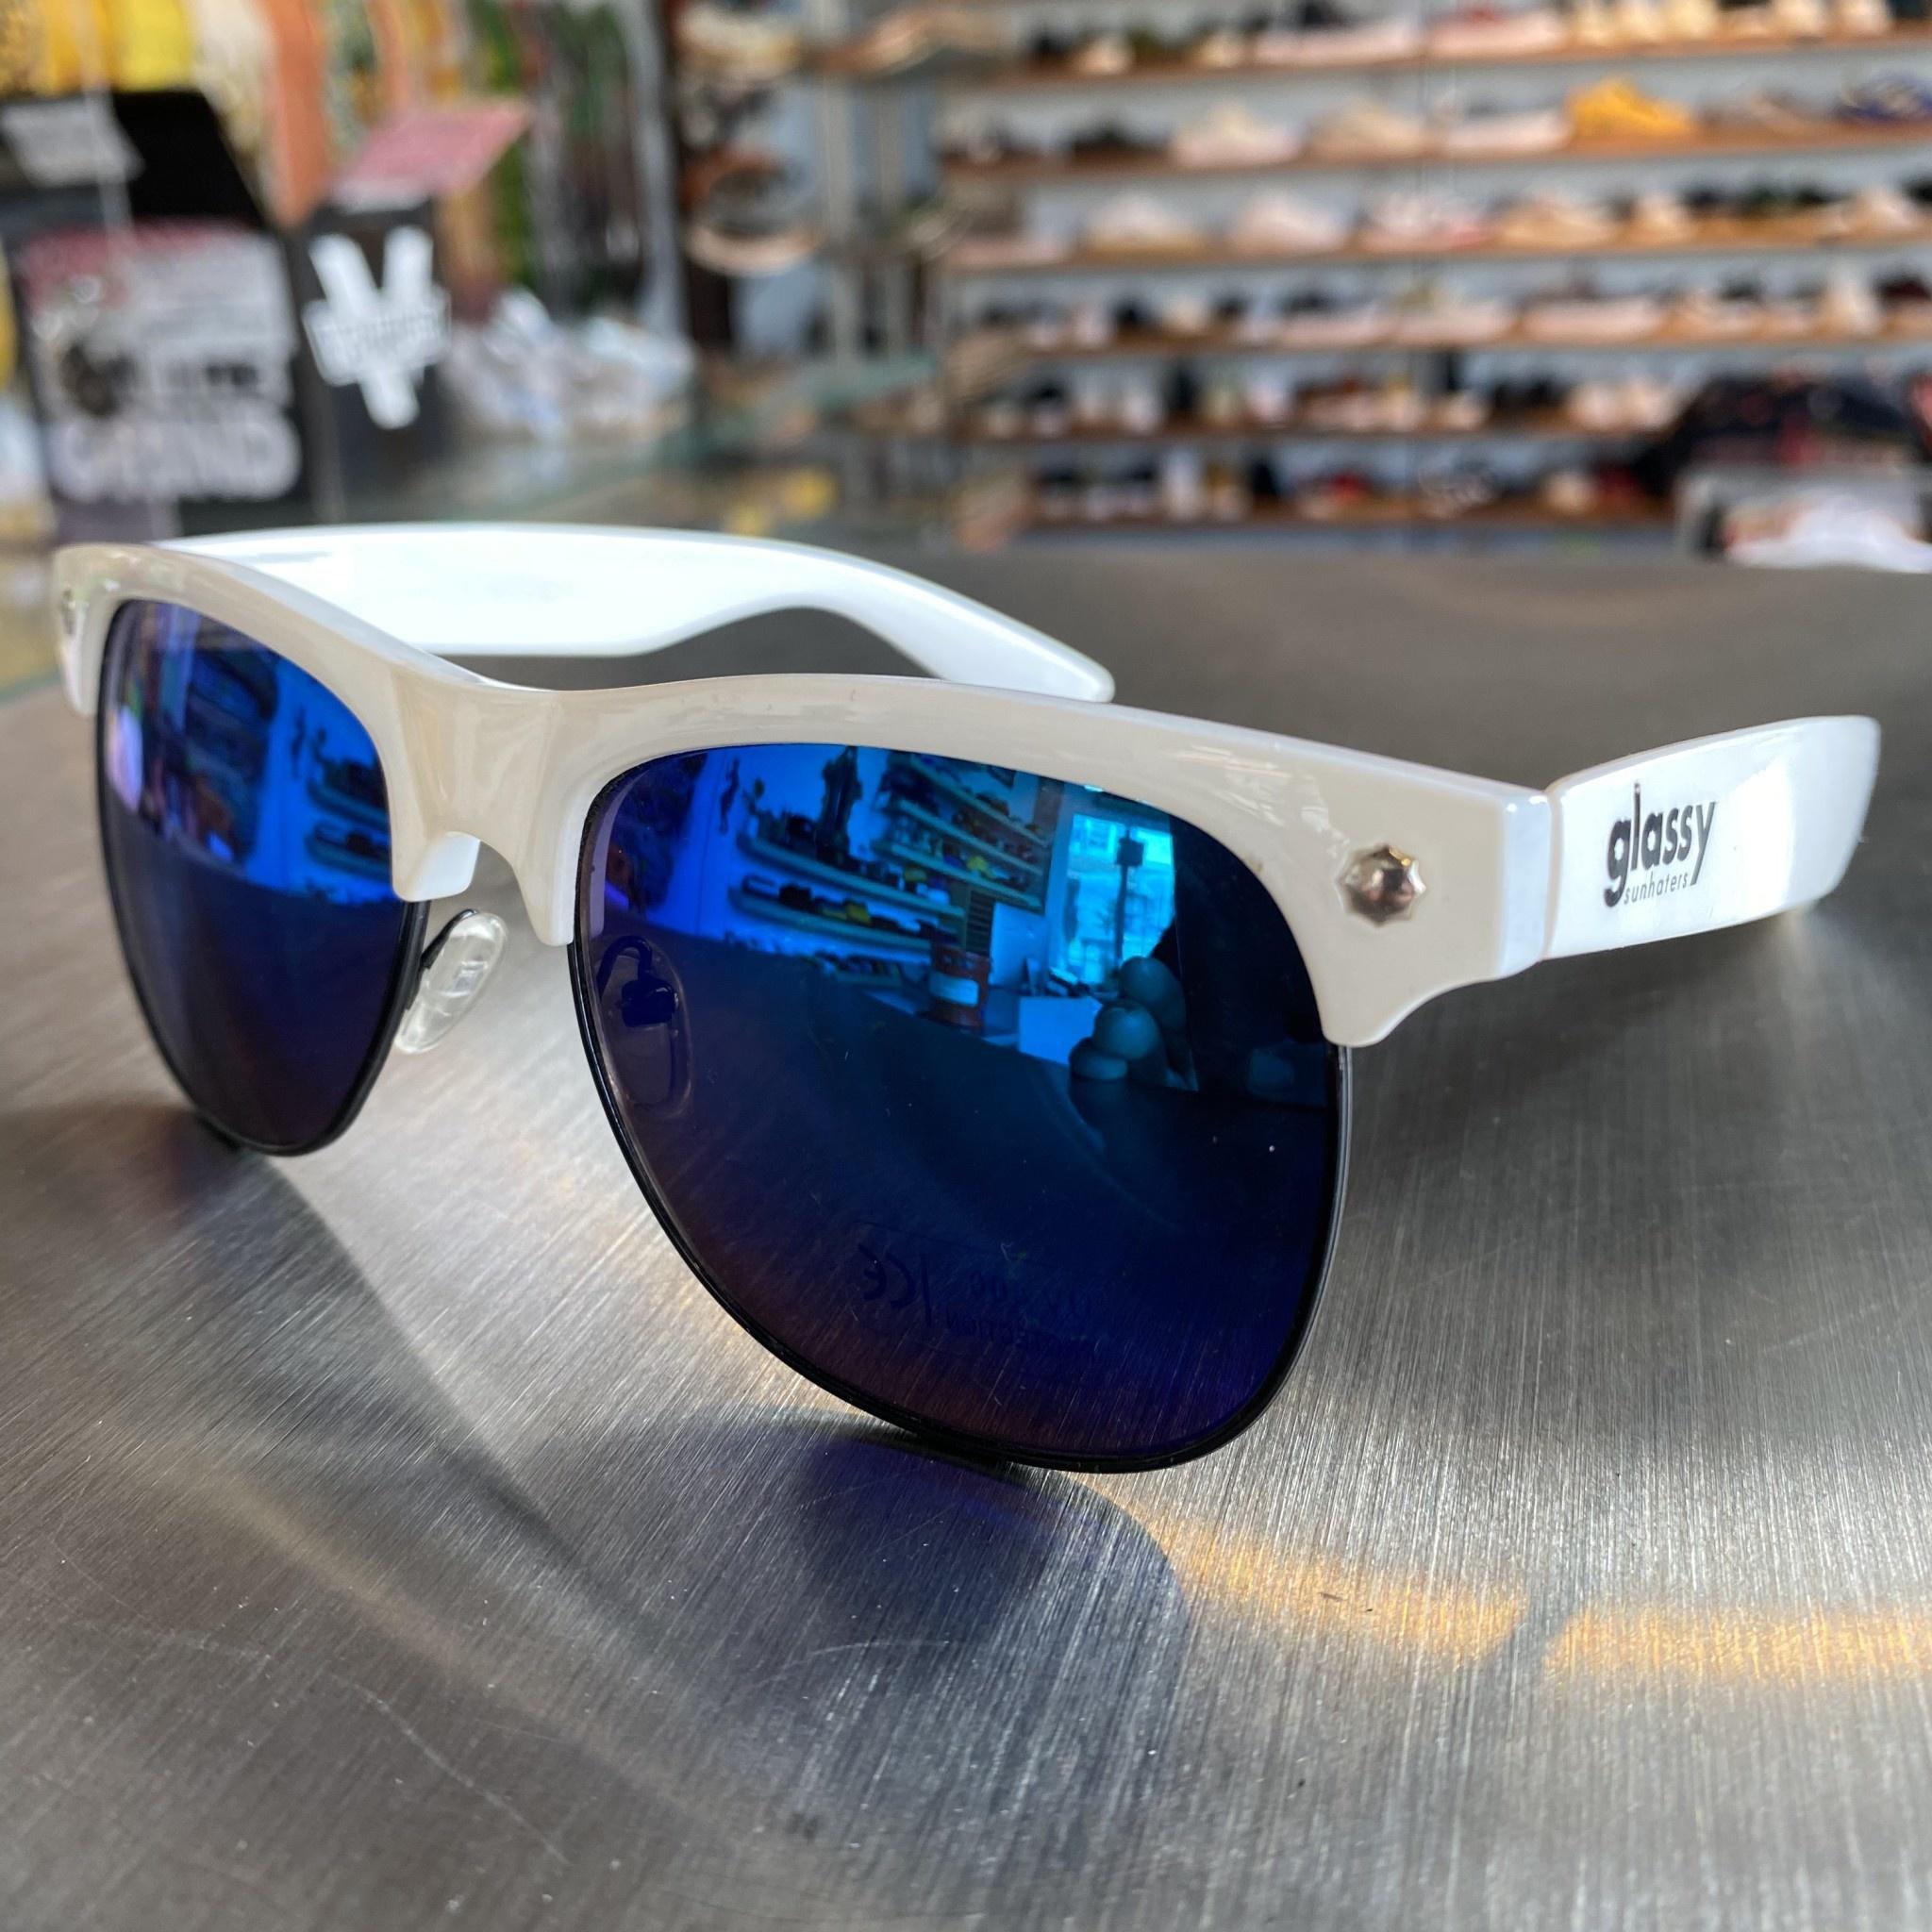 Glassy Sunglasses Shredder Wht/Blue